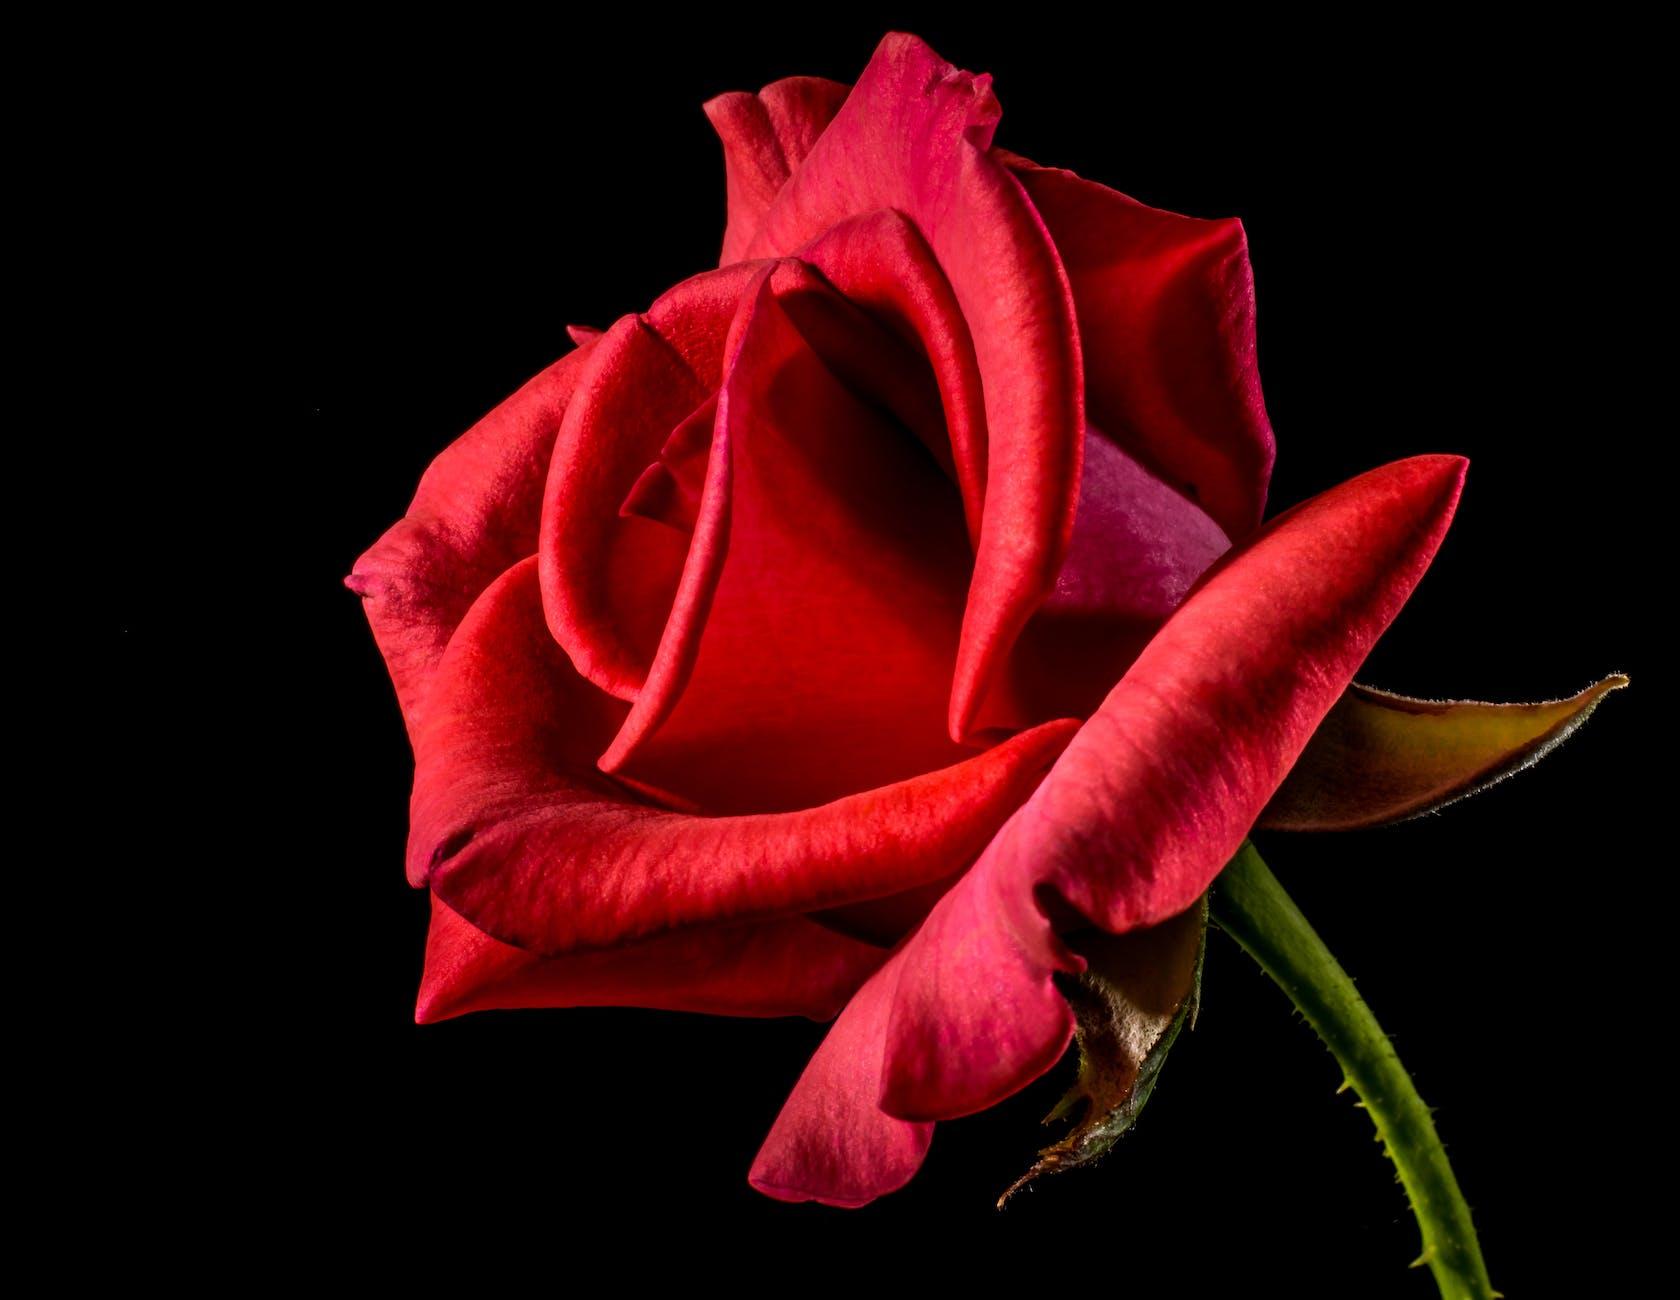 Download Gambar Bunga Mawar Full Hd Merah Putih Kartun Hitam